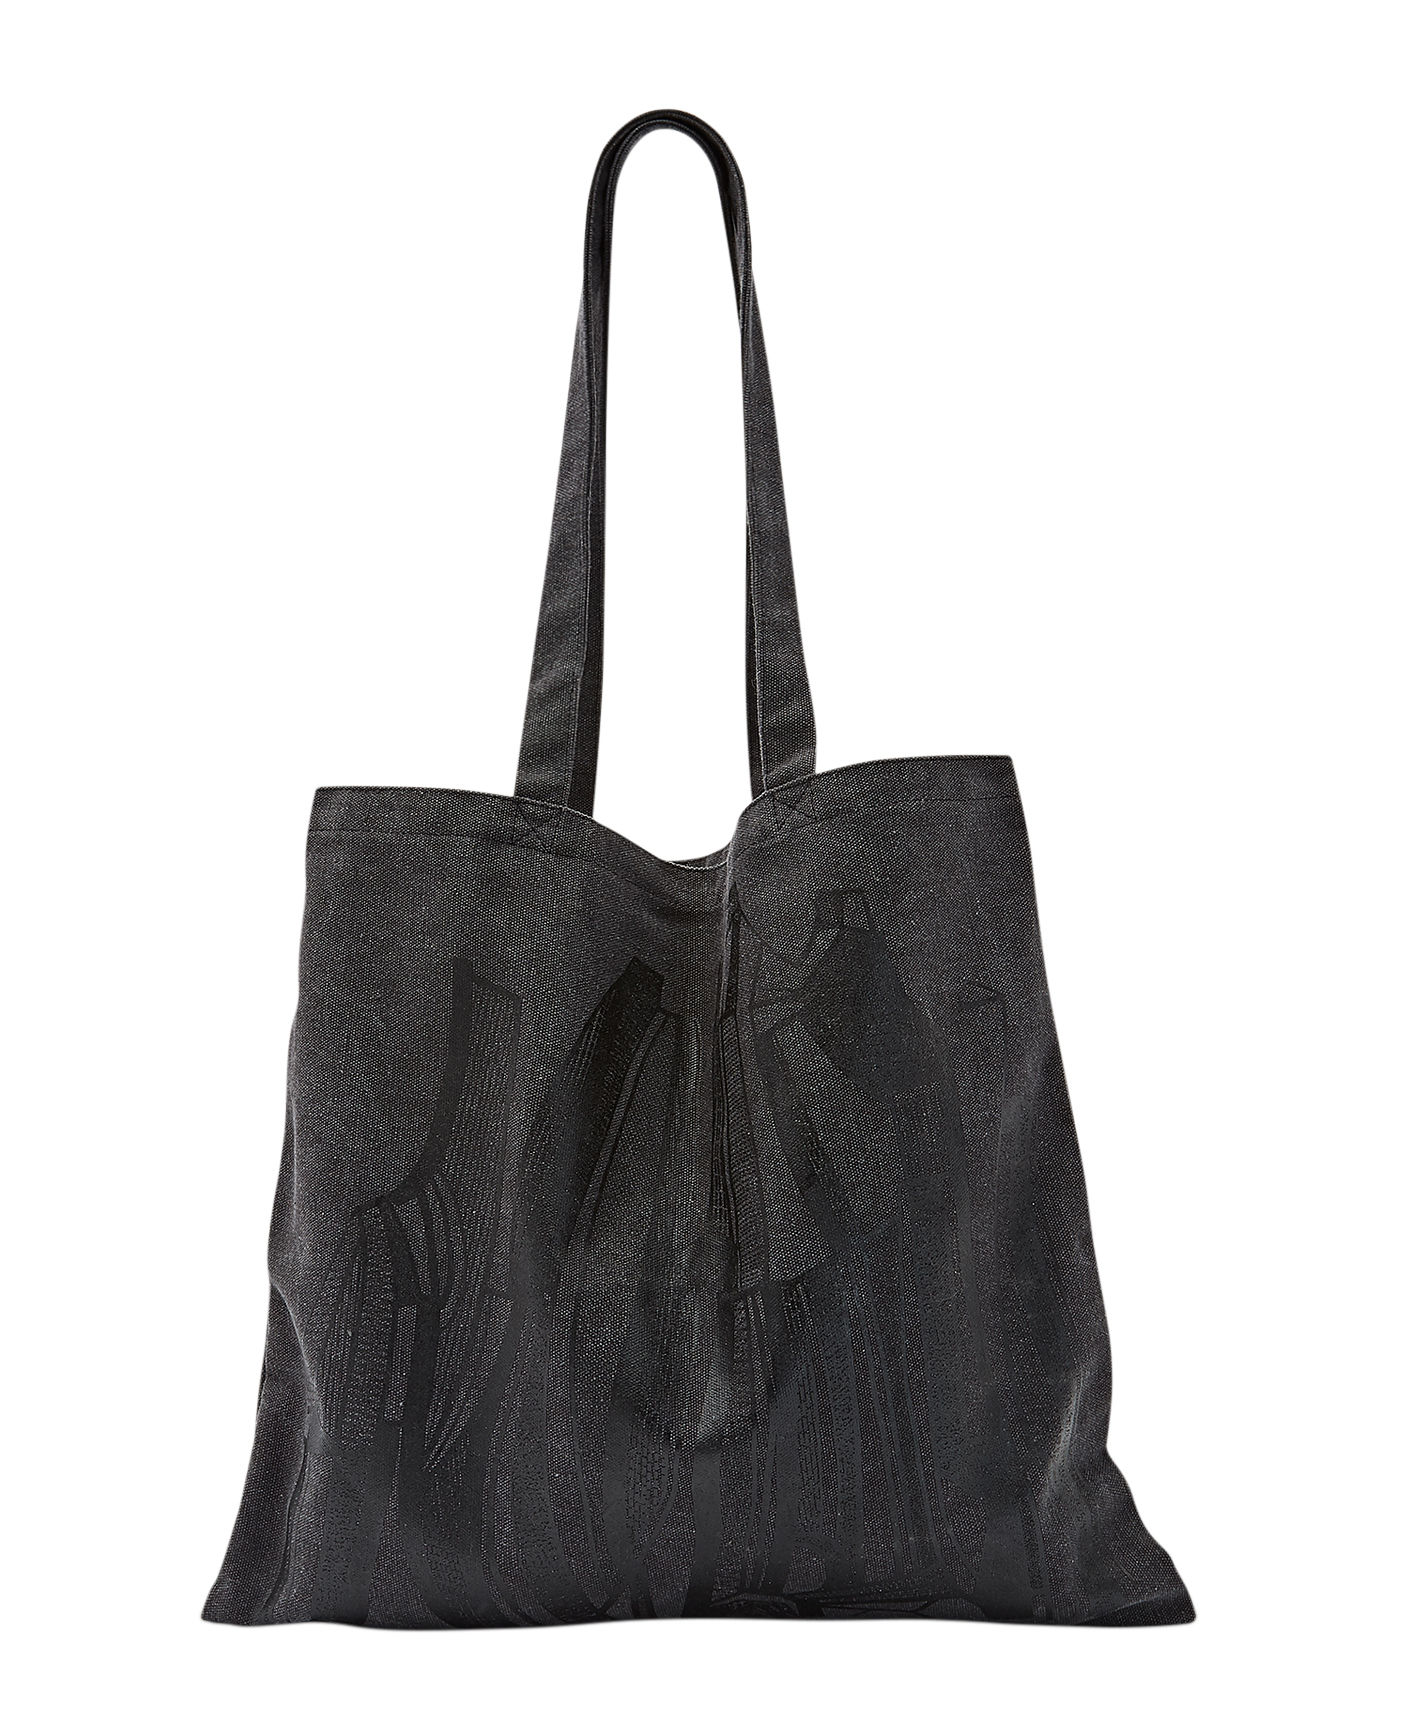 Accessoires - Sacs, trousses, porte-monnaie... - Tote bag Geo / 40 x 45 cm - Edition limitée - Tom Dixon - Anthracite - Coton, Lin